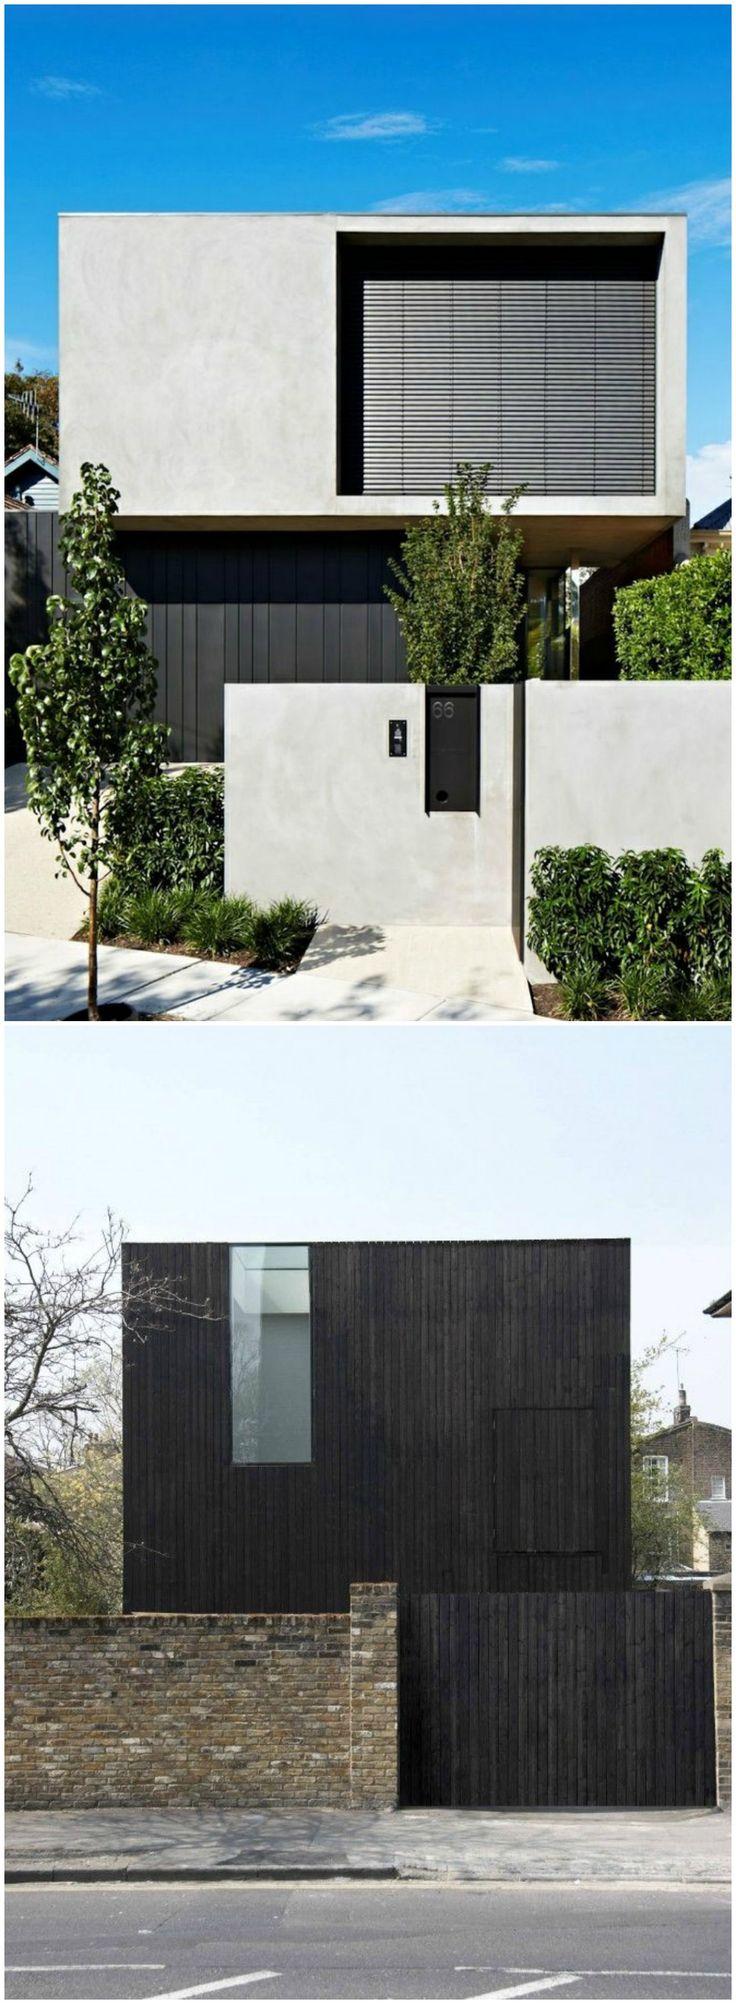 Tipos de dise os de cubiertas vivienda unifamiliar v a for Tipos de cubiertas inclinadas